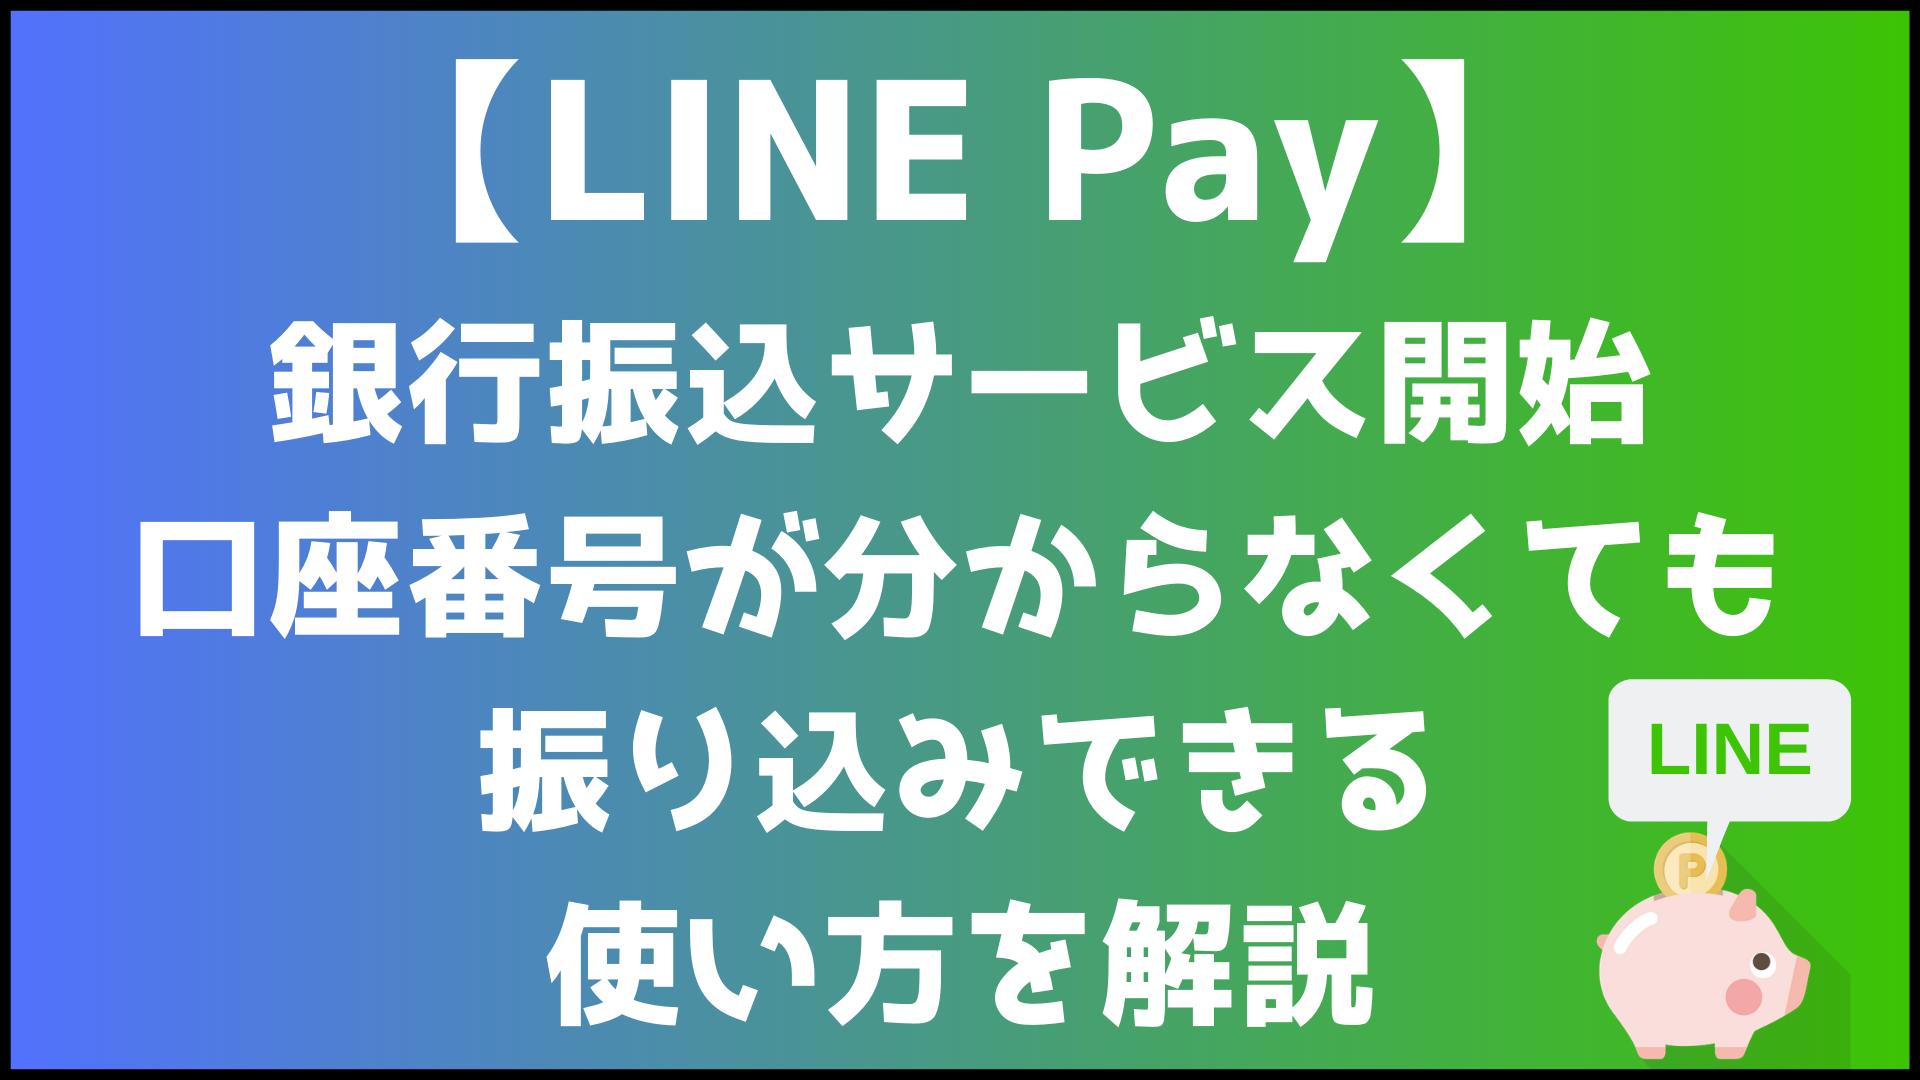 【LINEPay】銀行振込サービスの提供を開始。口座番号が分からなくても振込できる 使い方を解説